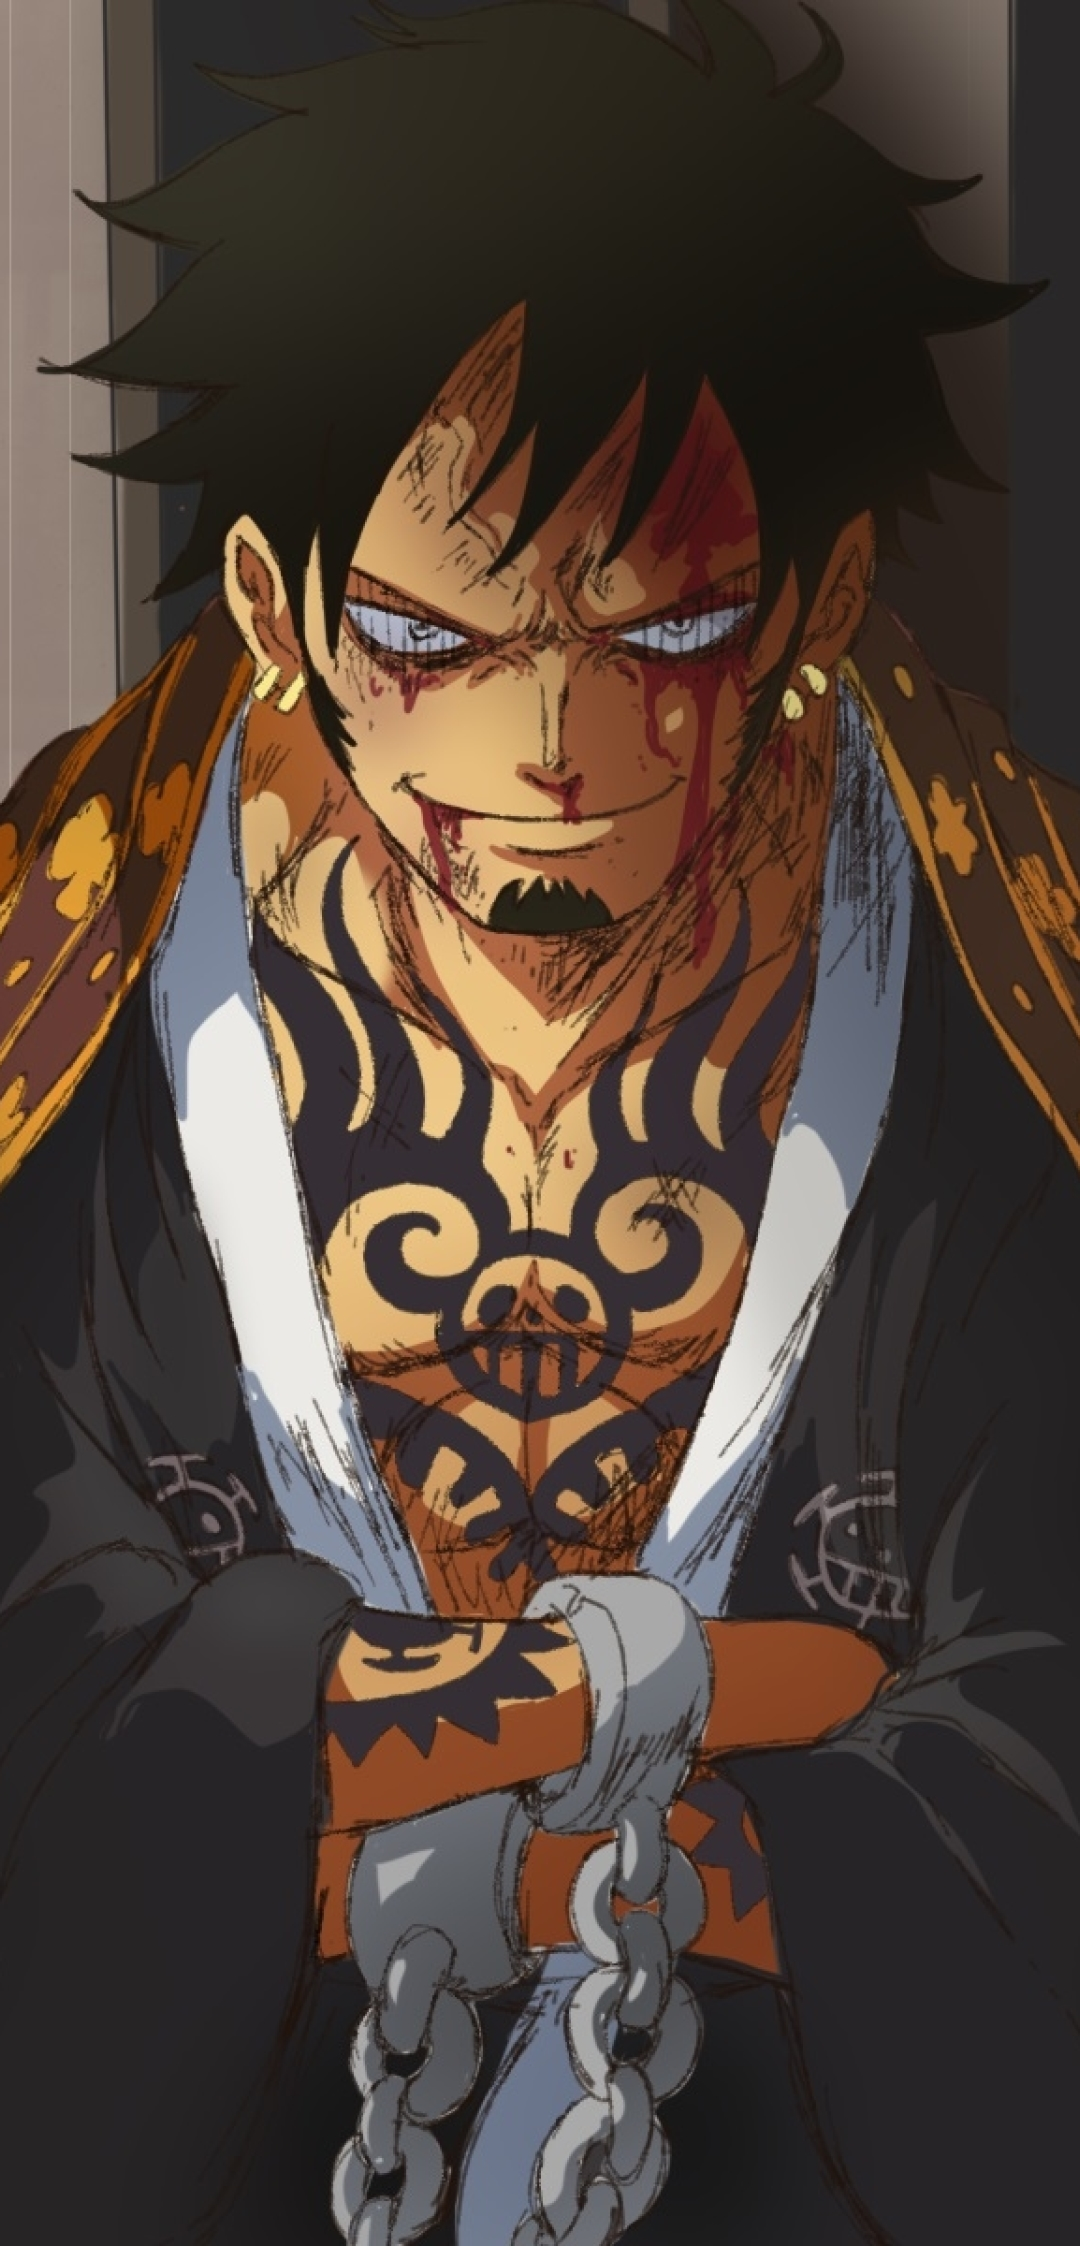 1080x2246 Trafalgar Law In One Piece 1080x2246 Resolution ...